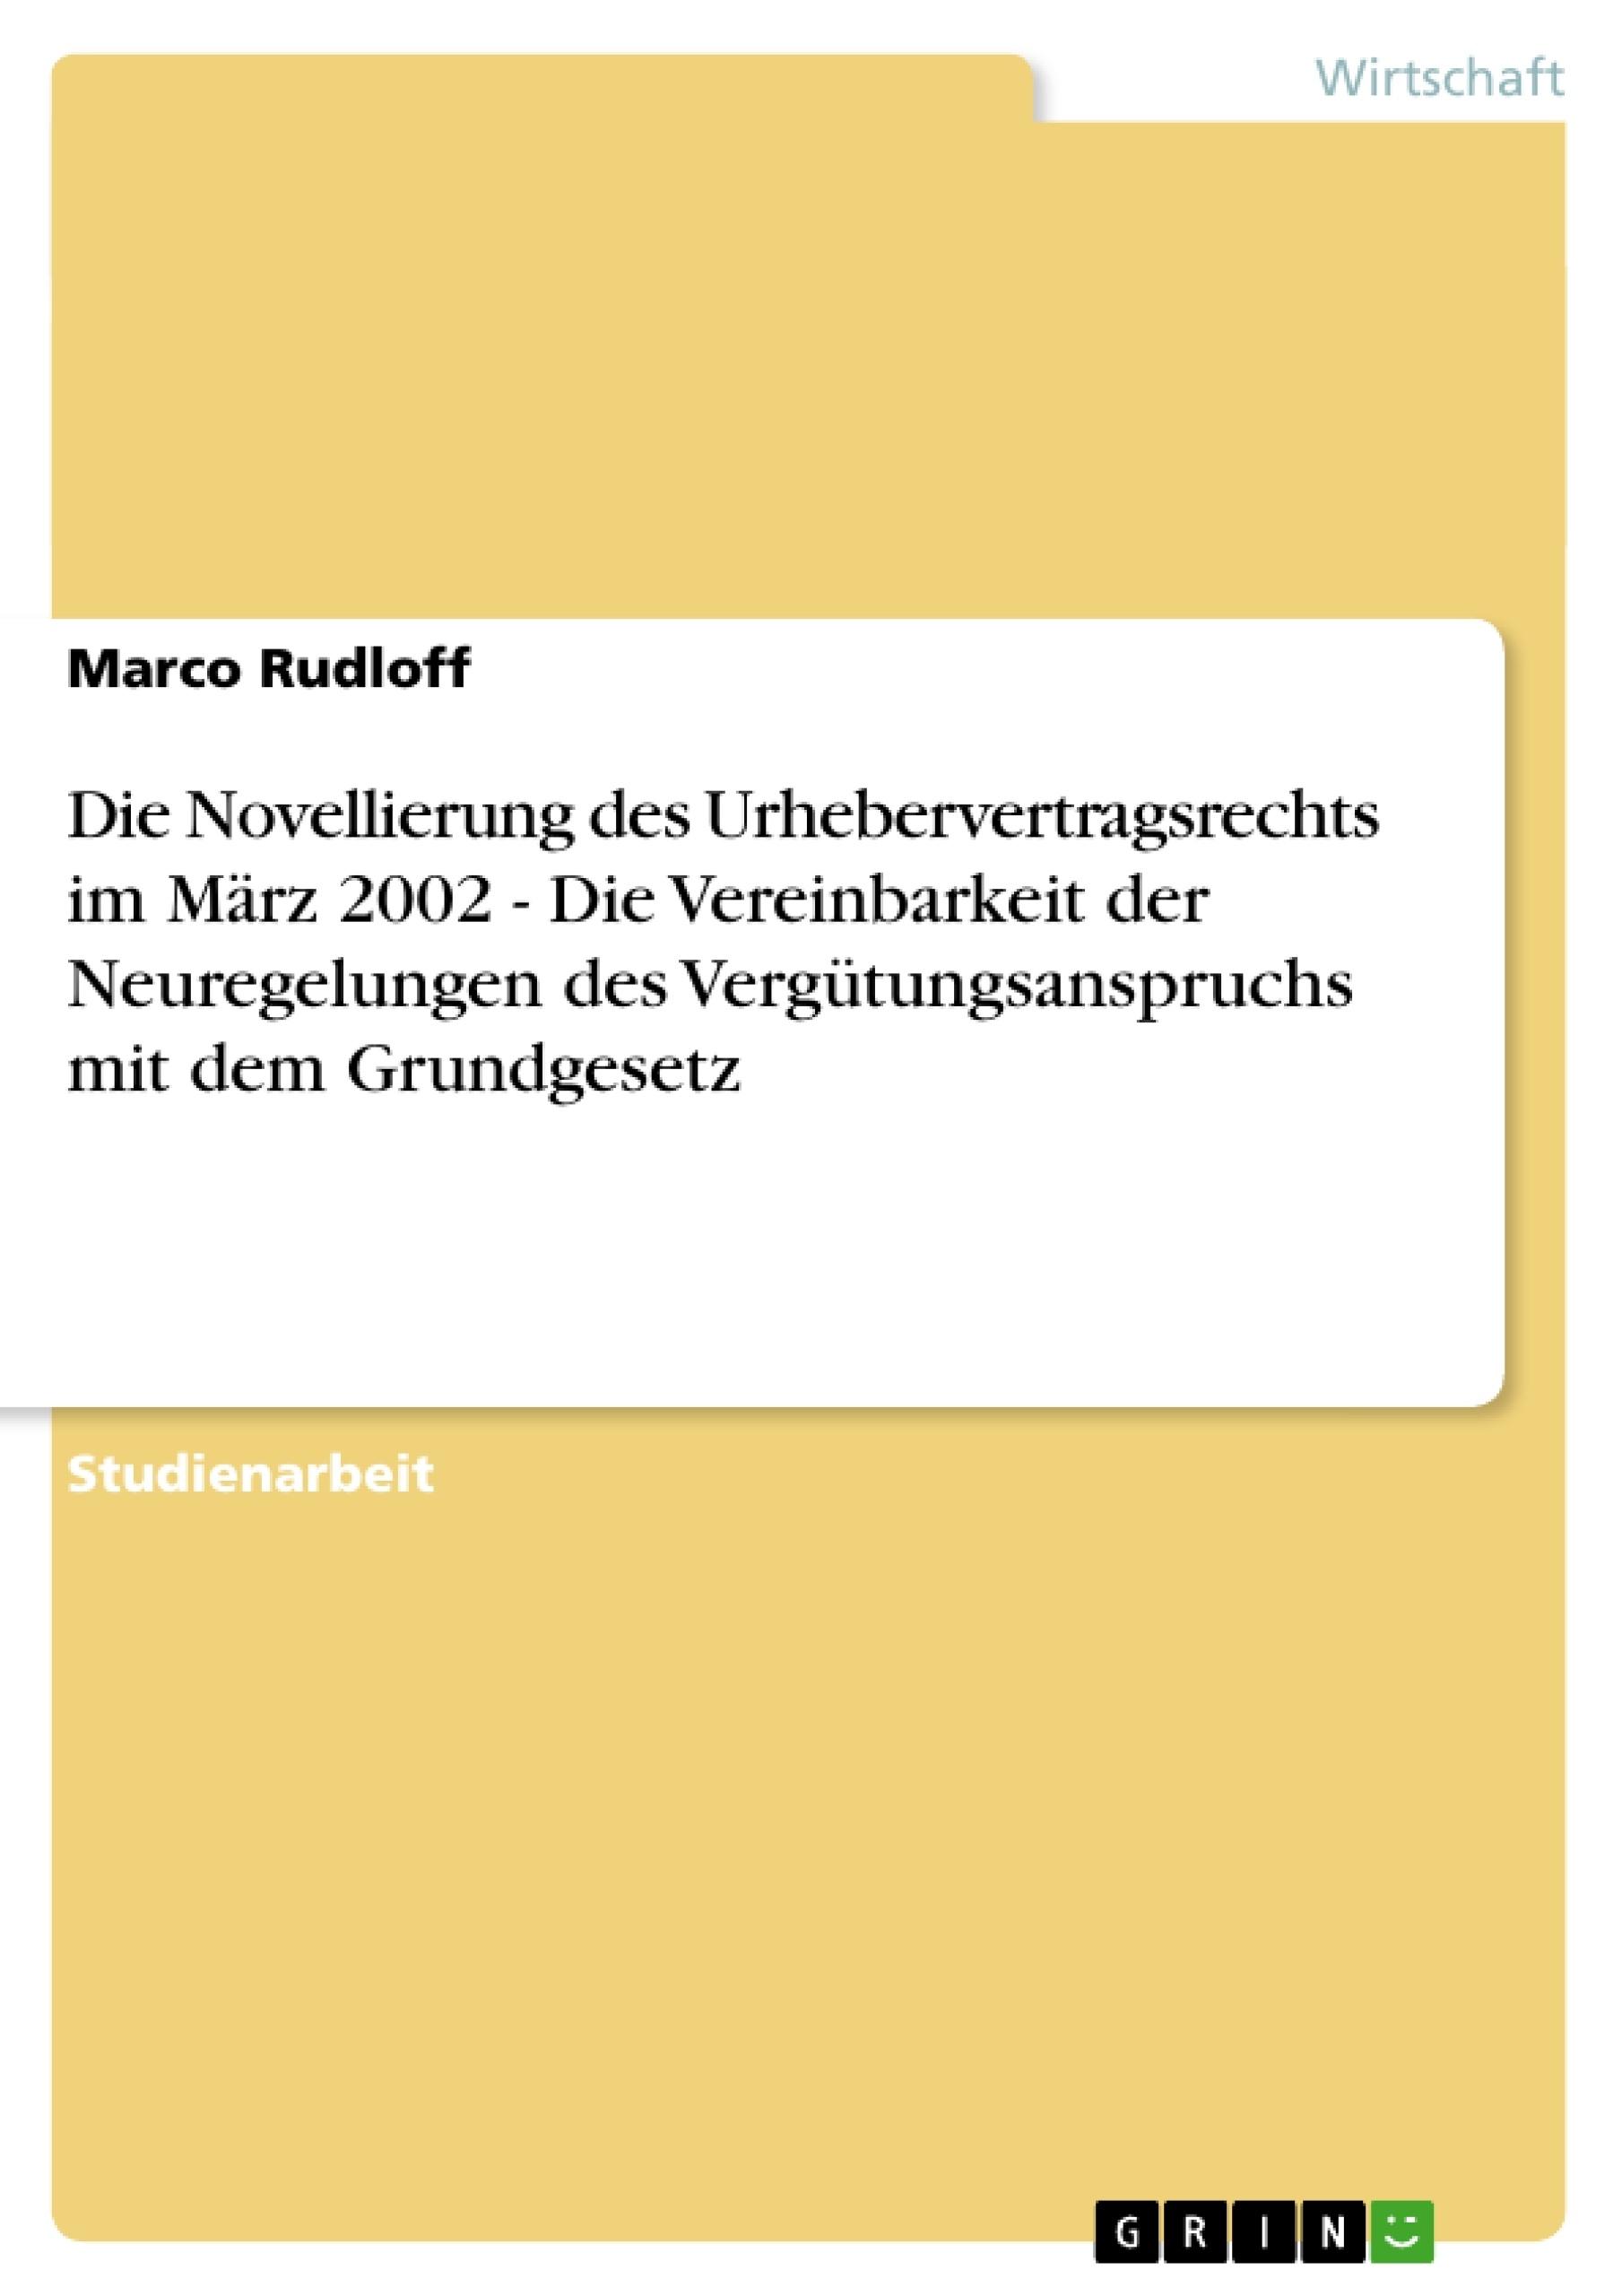 Titel: Die Novellierung des Urhebervertragsrechts im März 2002  -  Die Vereinbarkeit der Neuregelungen des Vergütungsanspruchs mit dem Grundgesetz